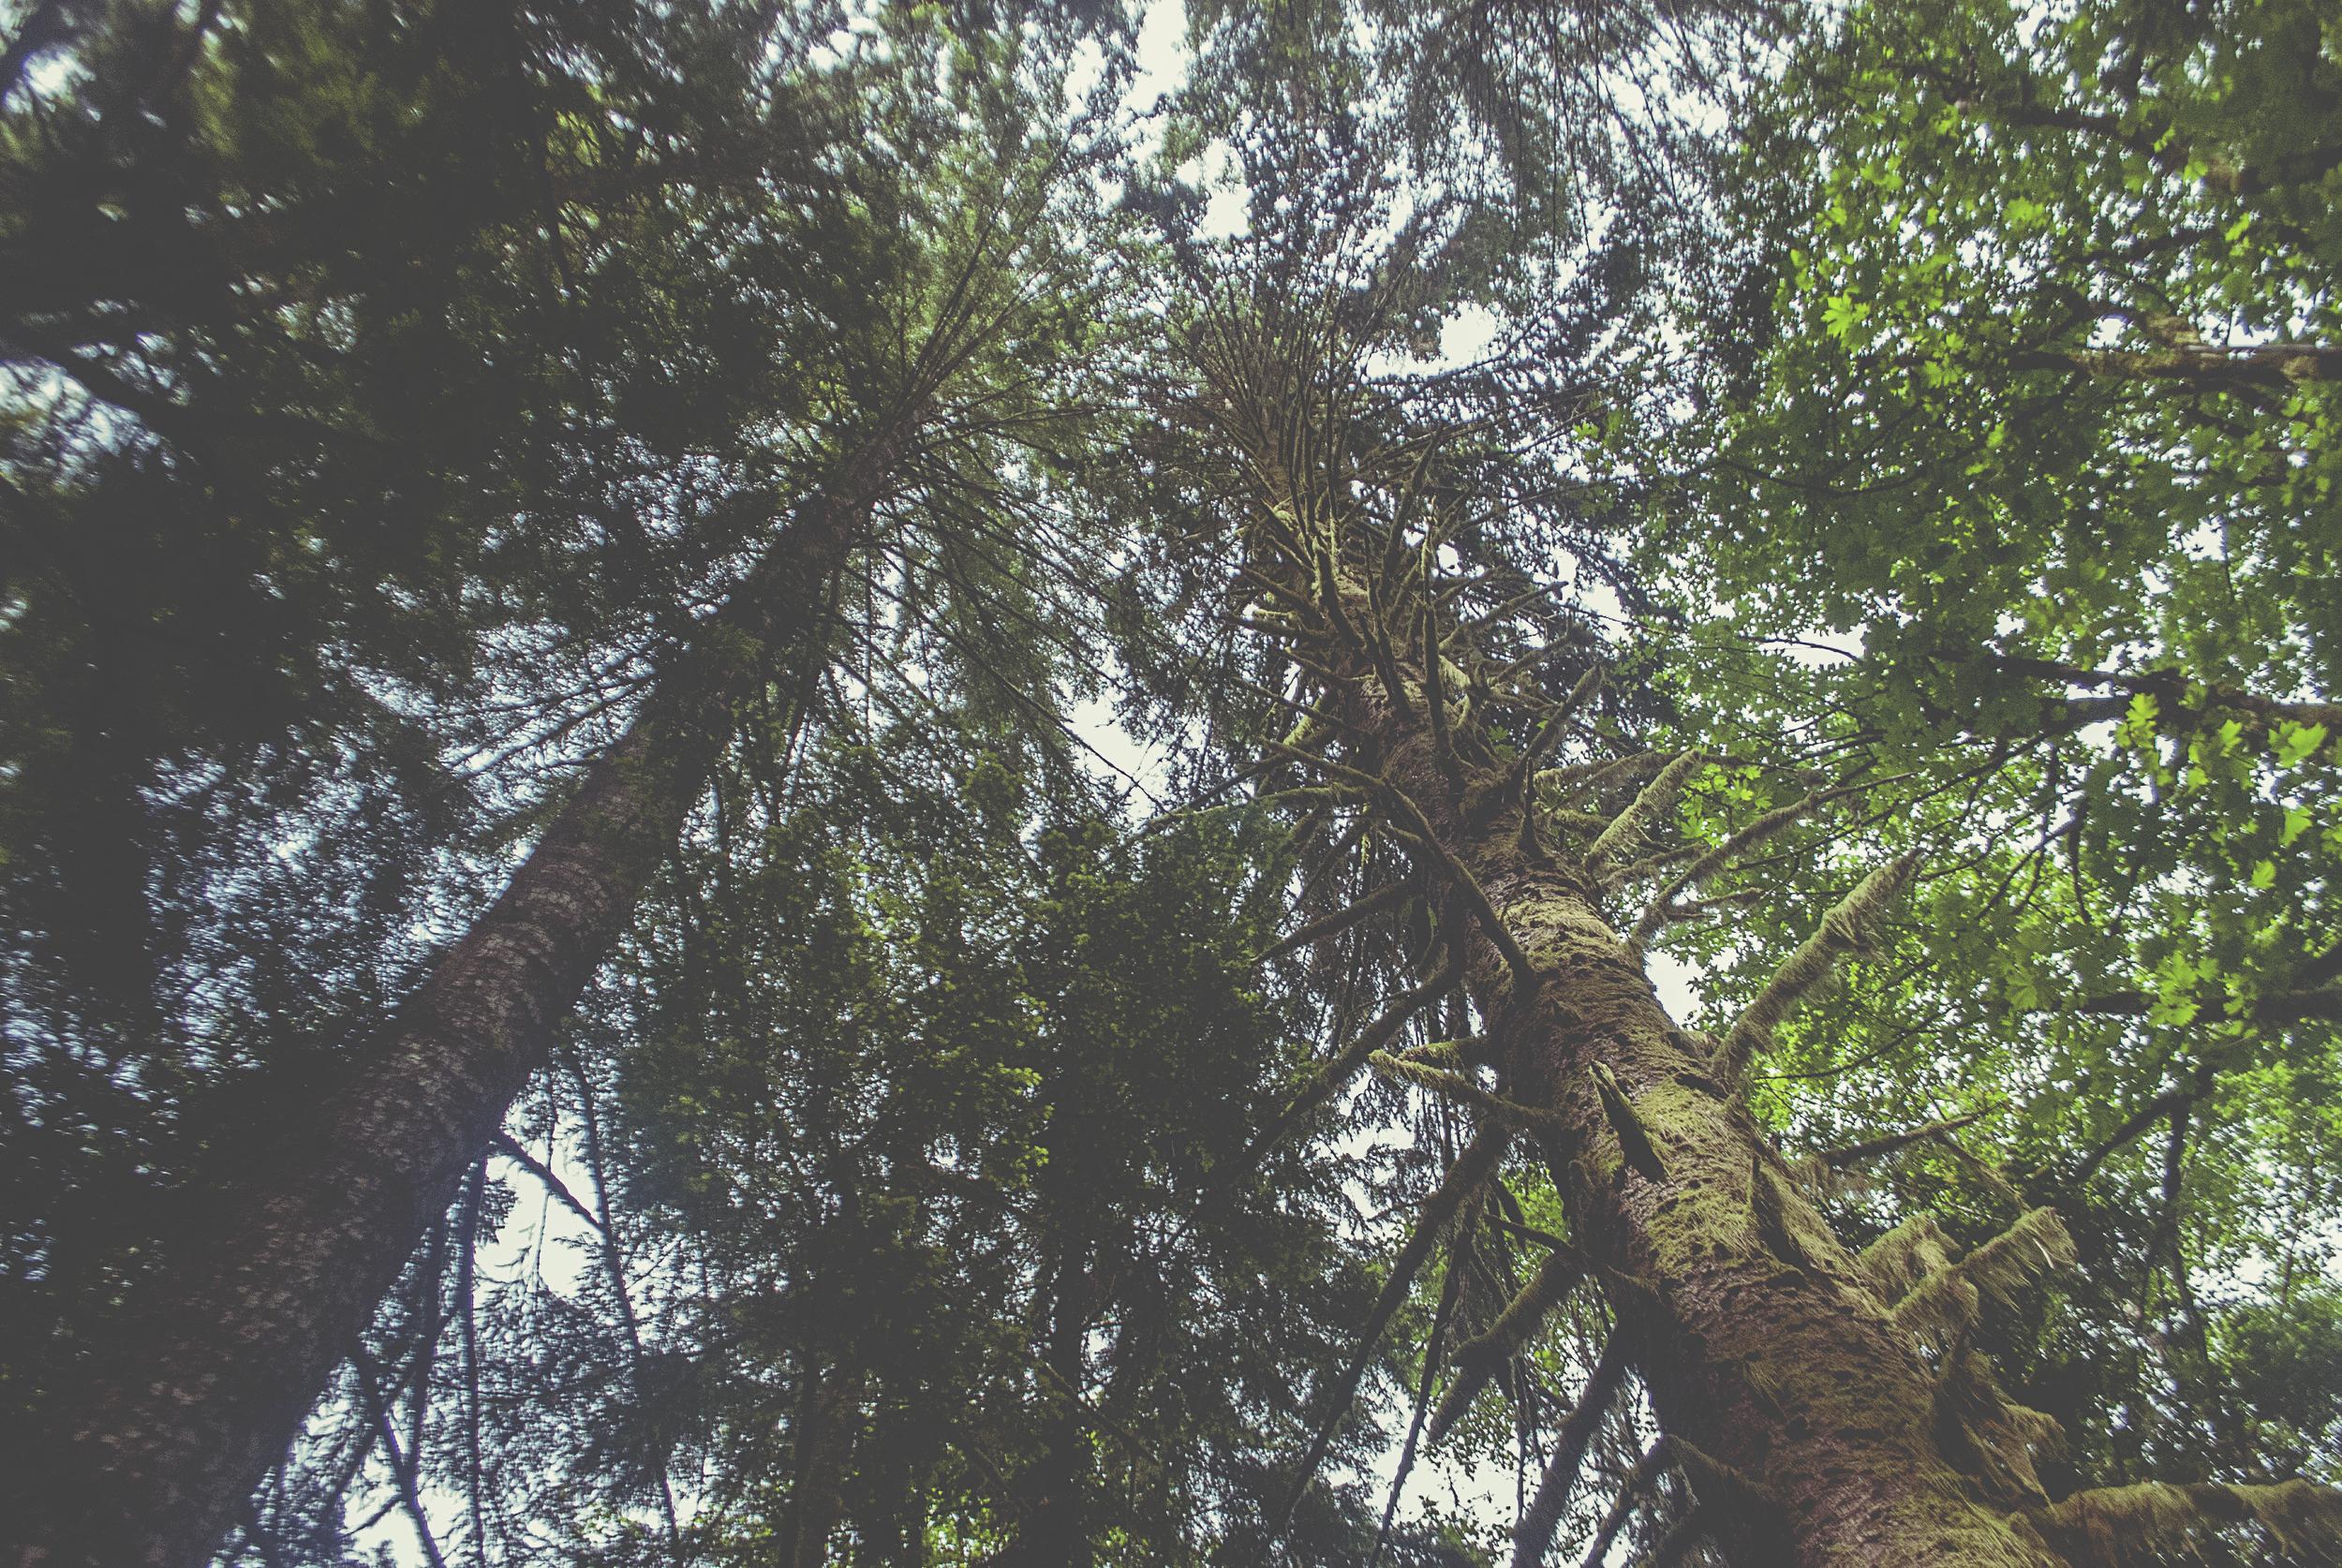 Seattle_trees_looking_up_tops_DSC0122.jpg